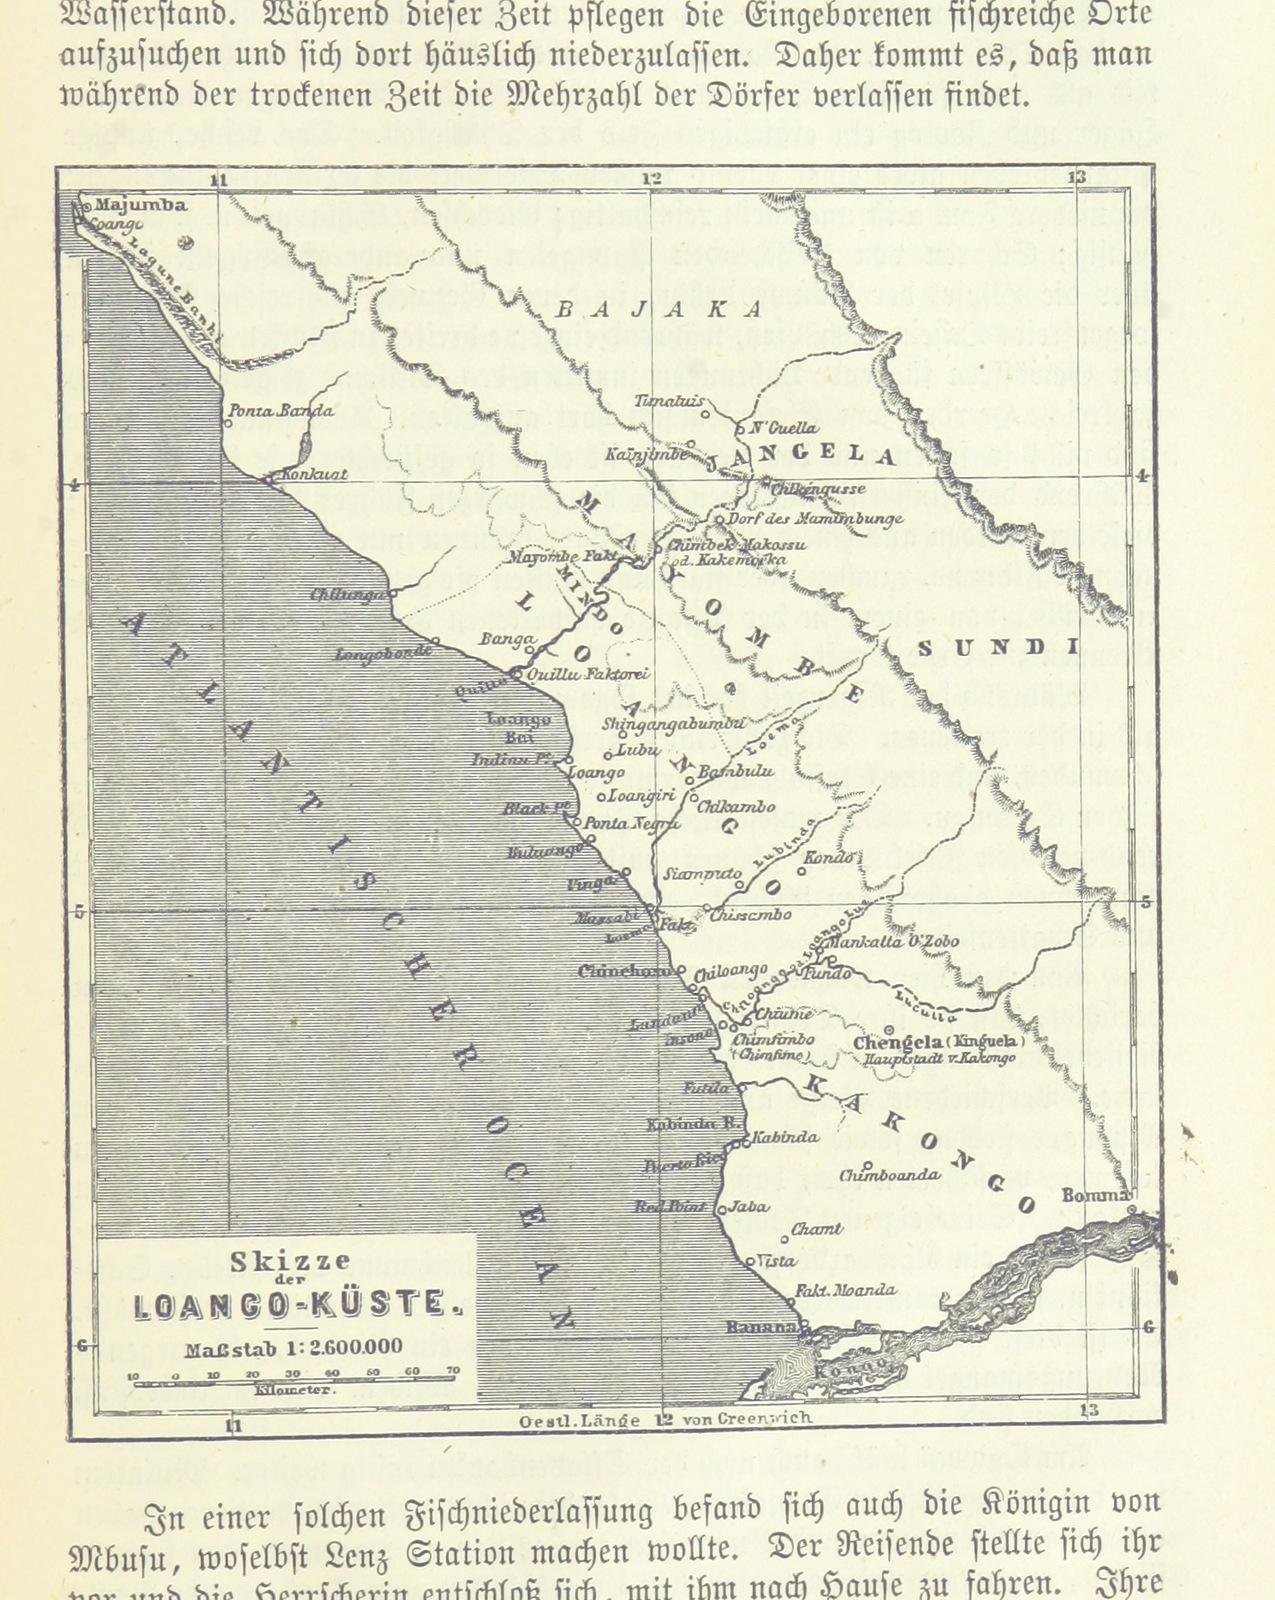 """map from """"Das neue Buch der Reisen und Entdeckungen. O Spamer's illustrirte Bibliothek der Länder & Völkerkunde, etc. (Unter redaktion von F. von Hellwald und R. Oberländer.) vol. 1"""""""